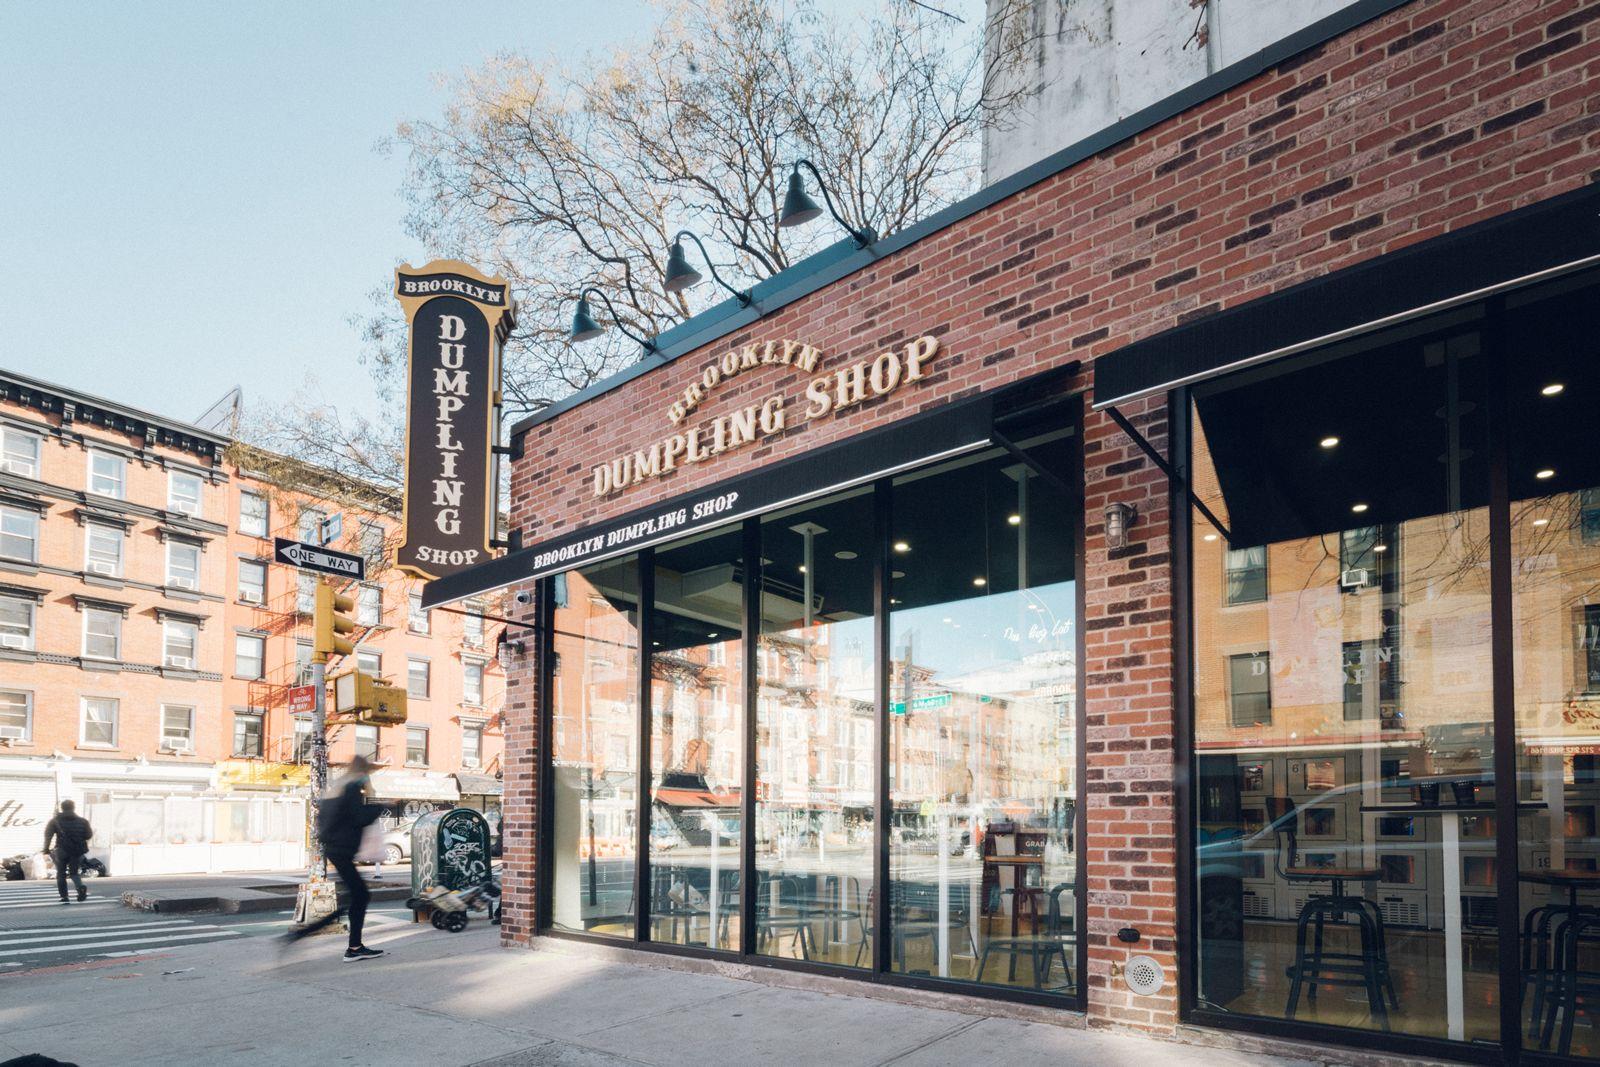 Brooklyn Dumpling Shop signe un autre accord pour poursuivre son expansion rapide au Texas